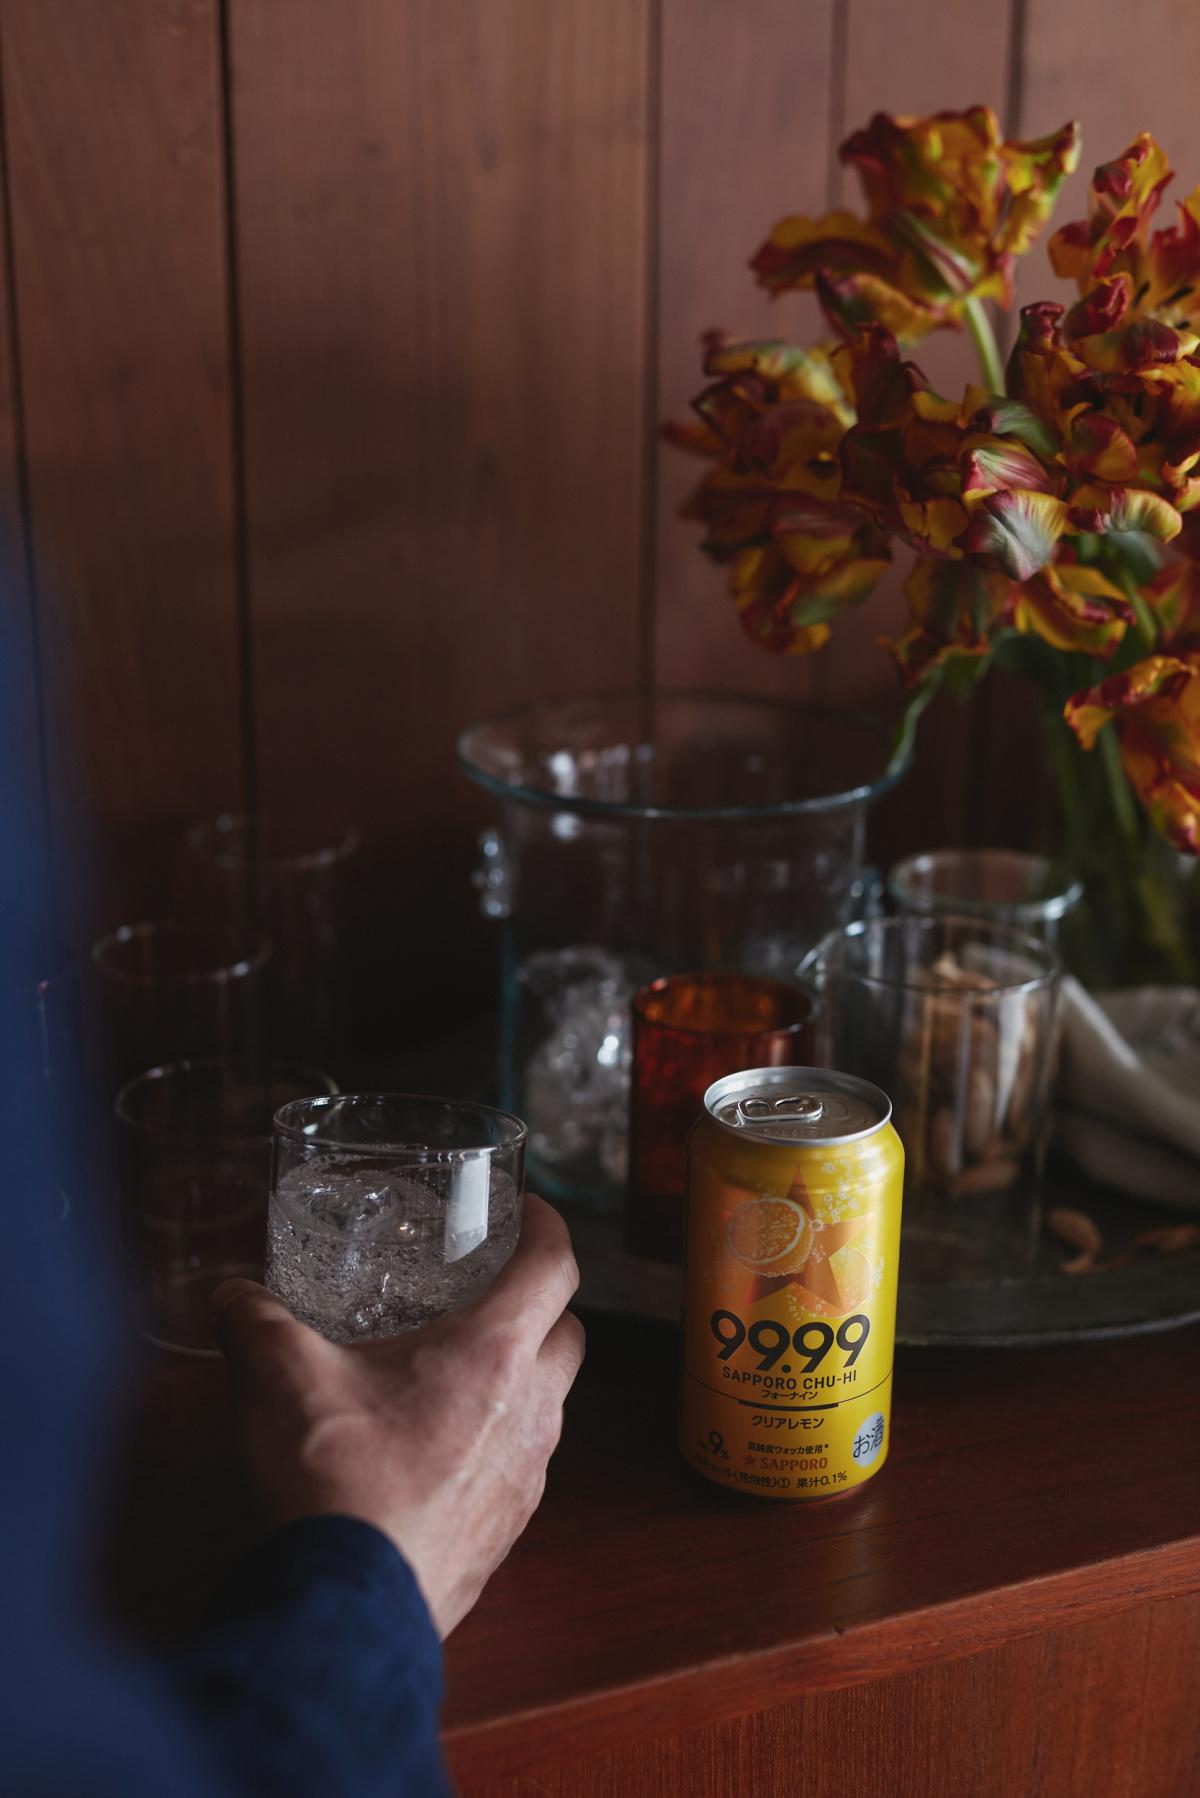 ラウンダバウト店主の小林和人が飲む、大人のための上質なチューハイ「サッポロチューハイ99.99(フォーナイン)」。